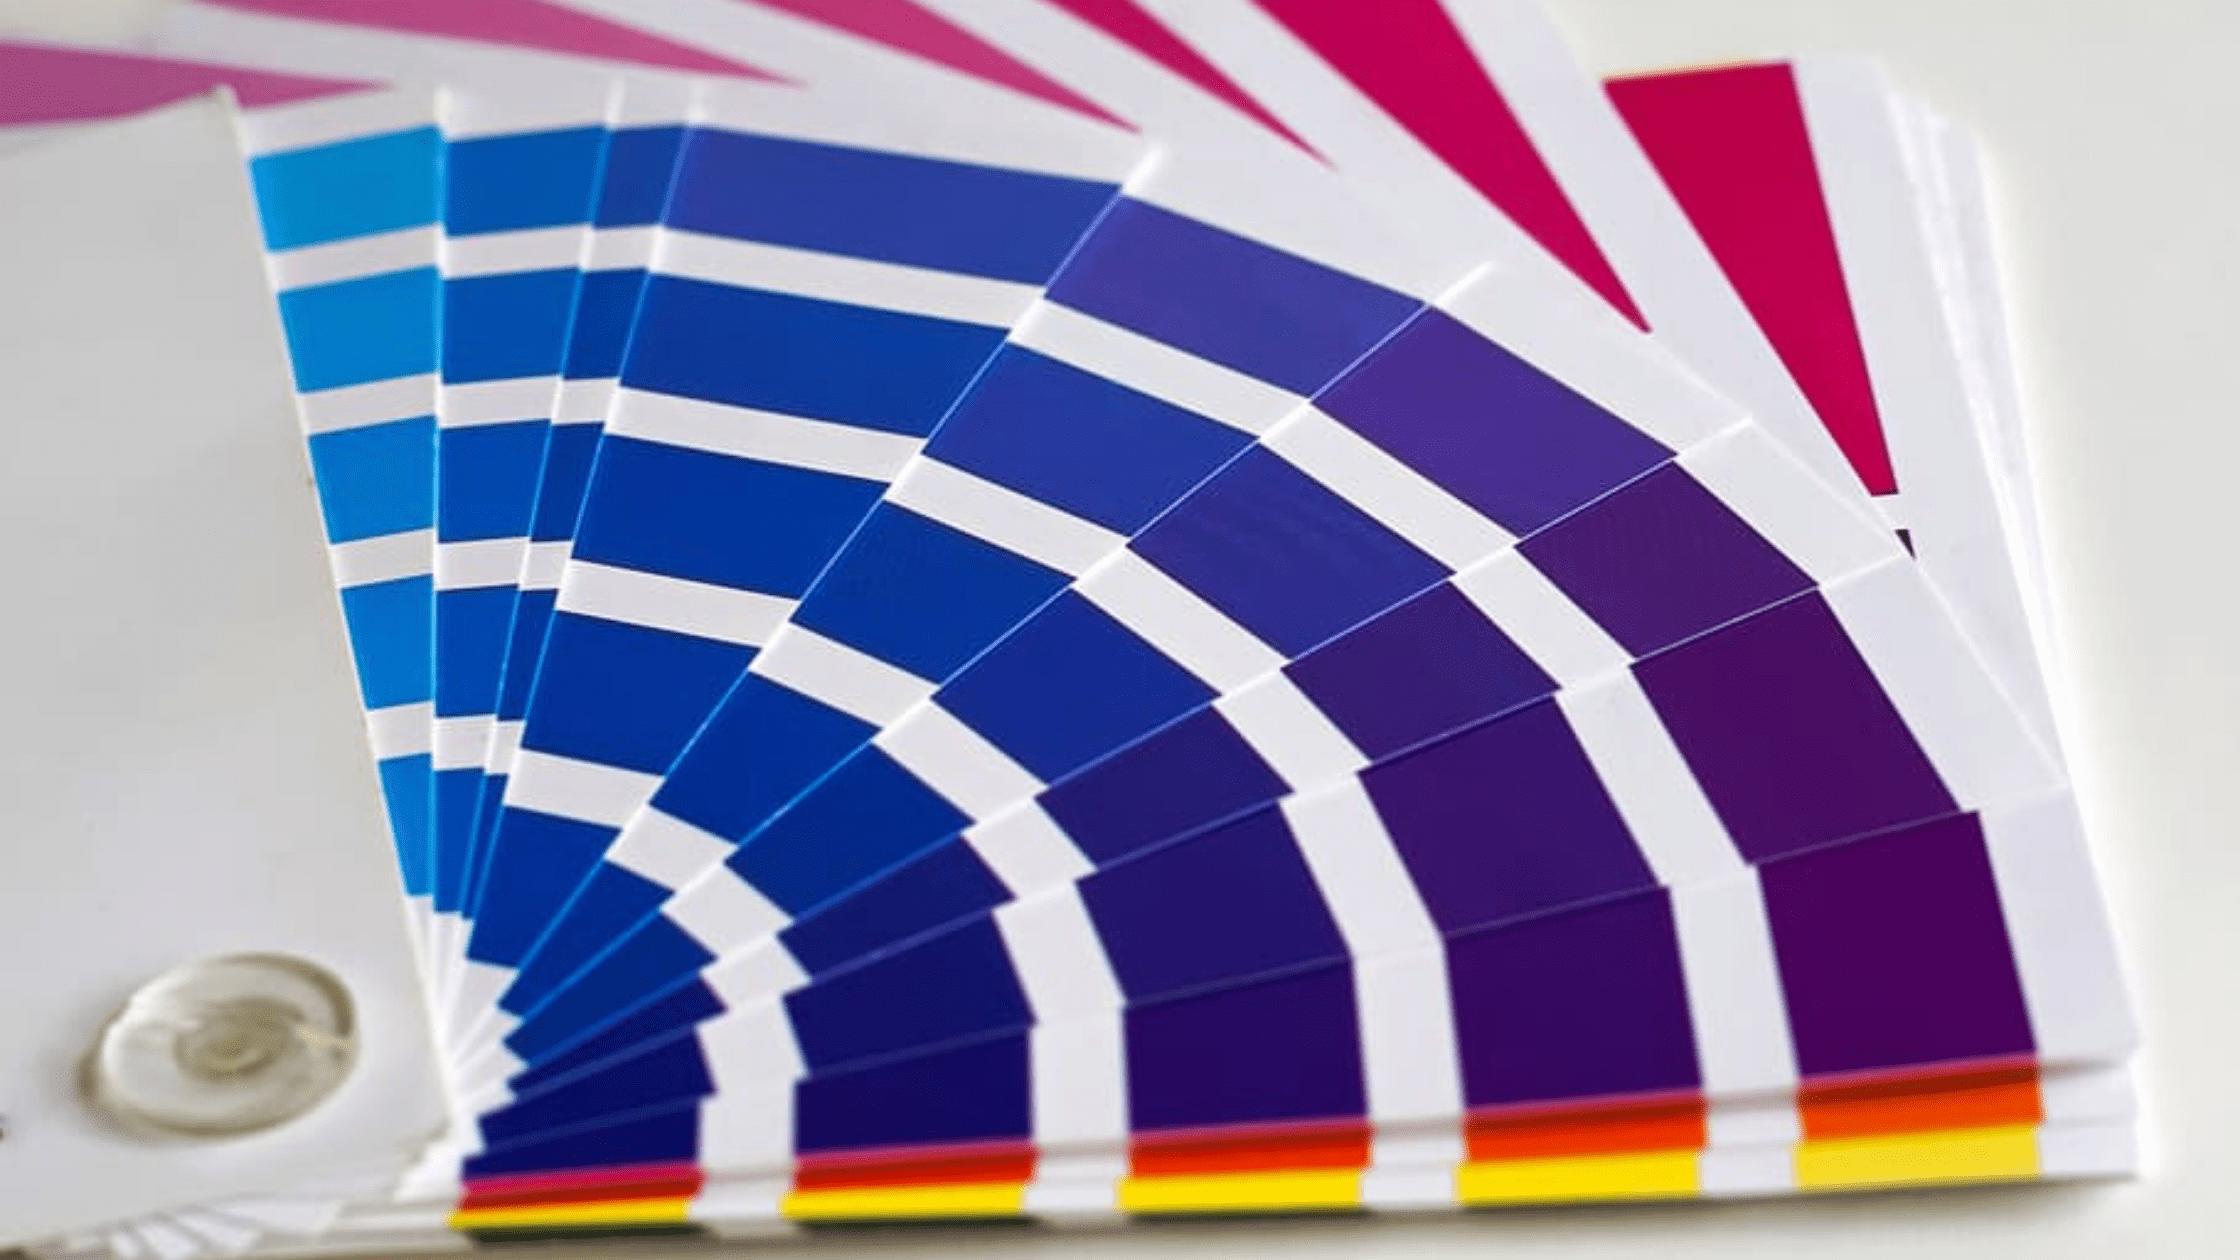 Διάλεξε τα κατάλληλα χρώματα για το δικό σου Brand σε 3 απλά βήματα!